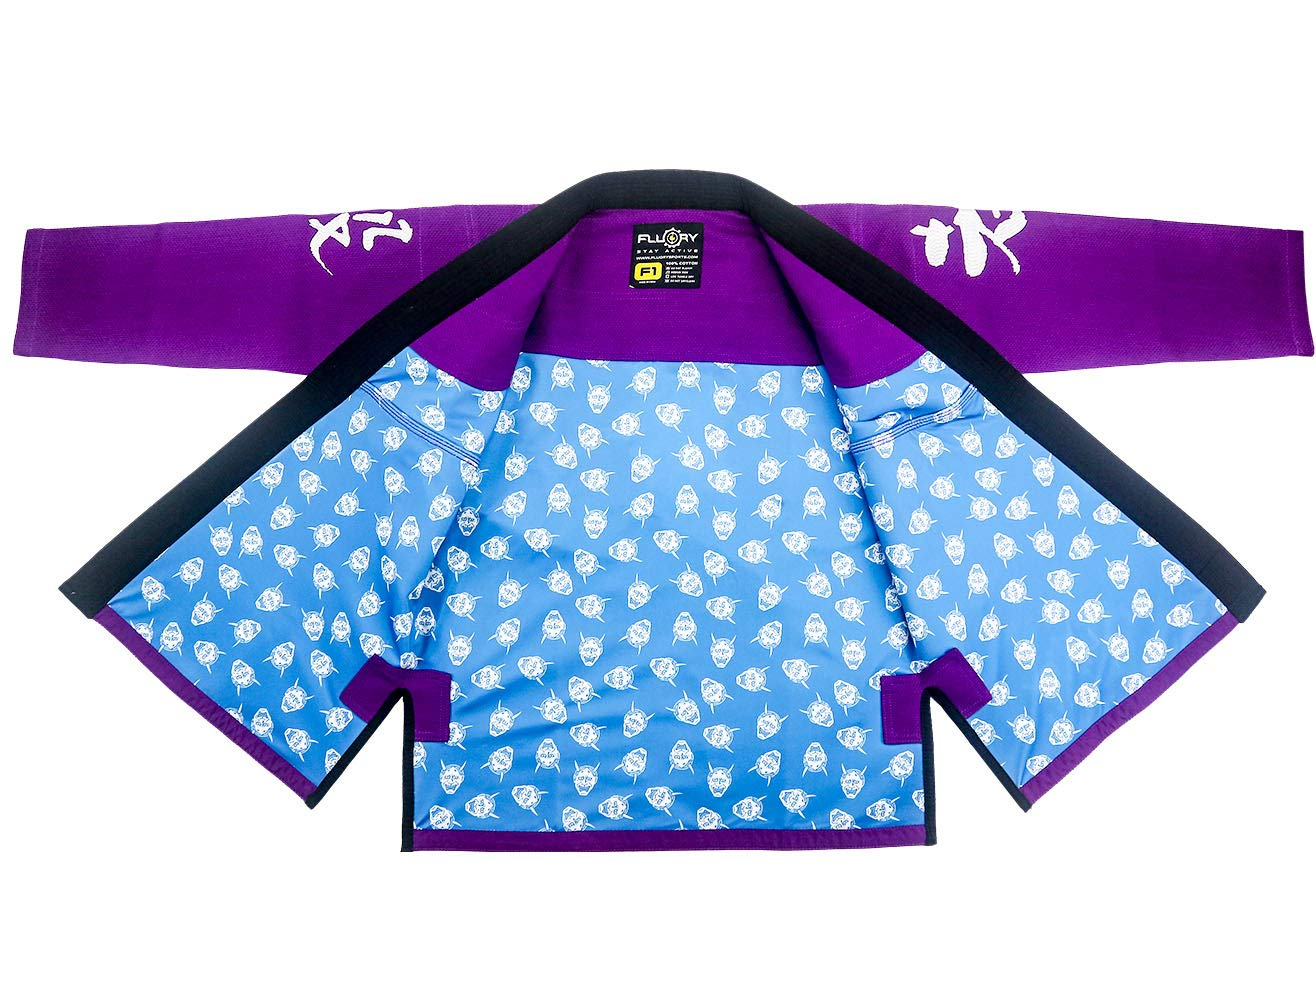 FLUORY Lightweight BJJ Gi,Brazilian Jiu Jitsu Uniform for Men /& Women